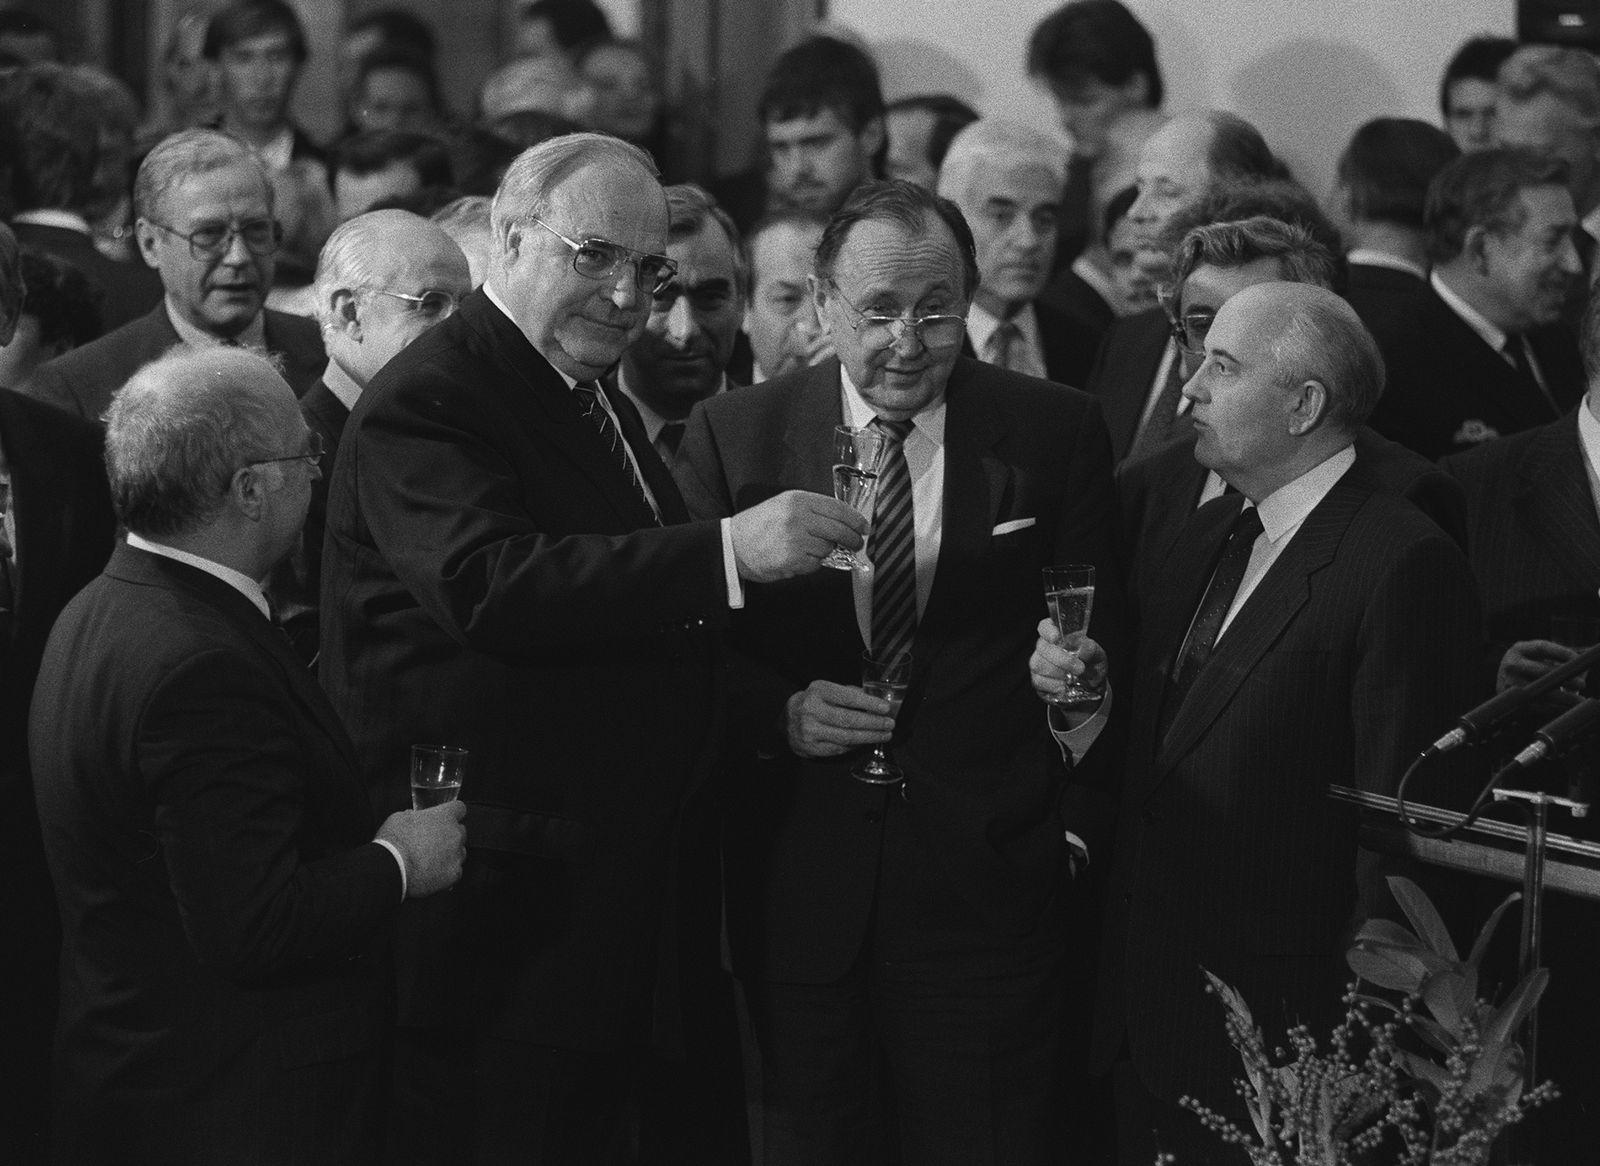 EINMALIGE VERWENDUNG SPIEGEL Plus und SPIN SPIEGEL 13/2018 S. 54 Kohl Genscher Gorbatschow STARTBILD